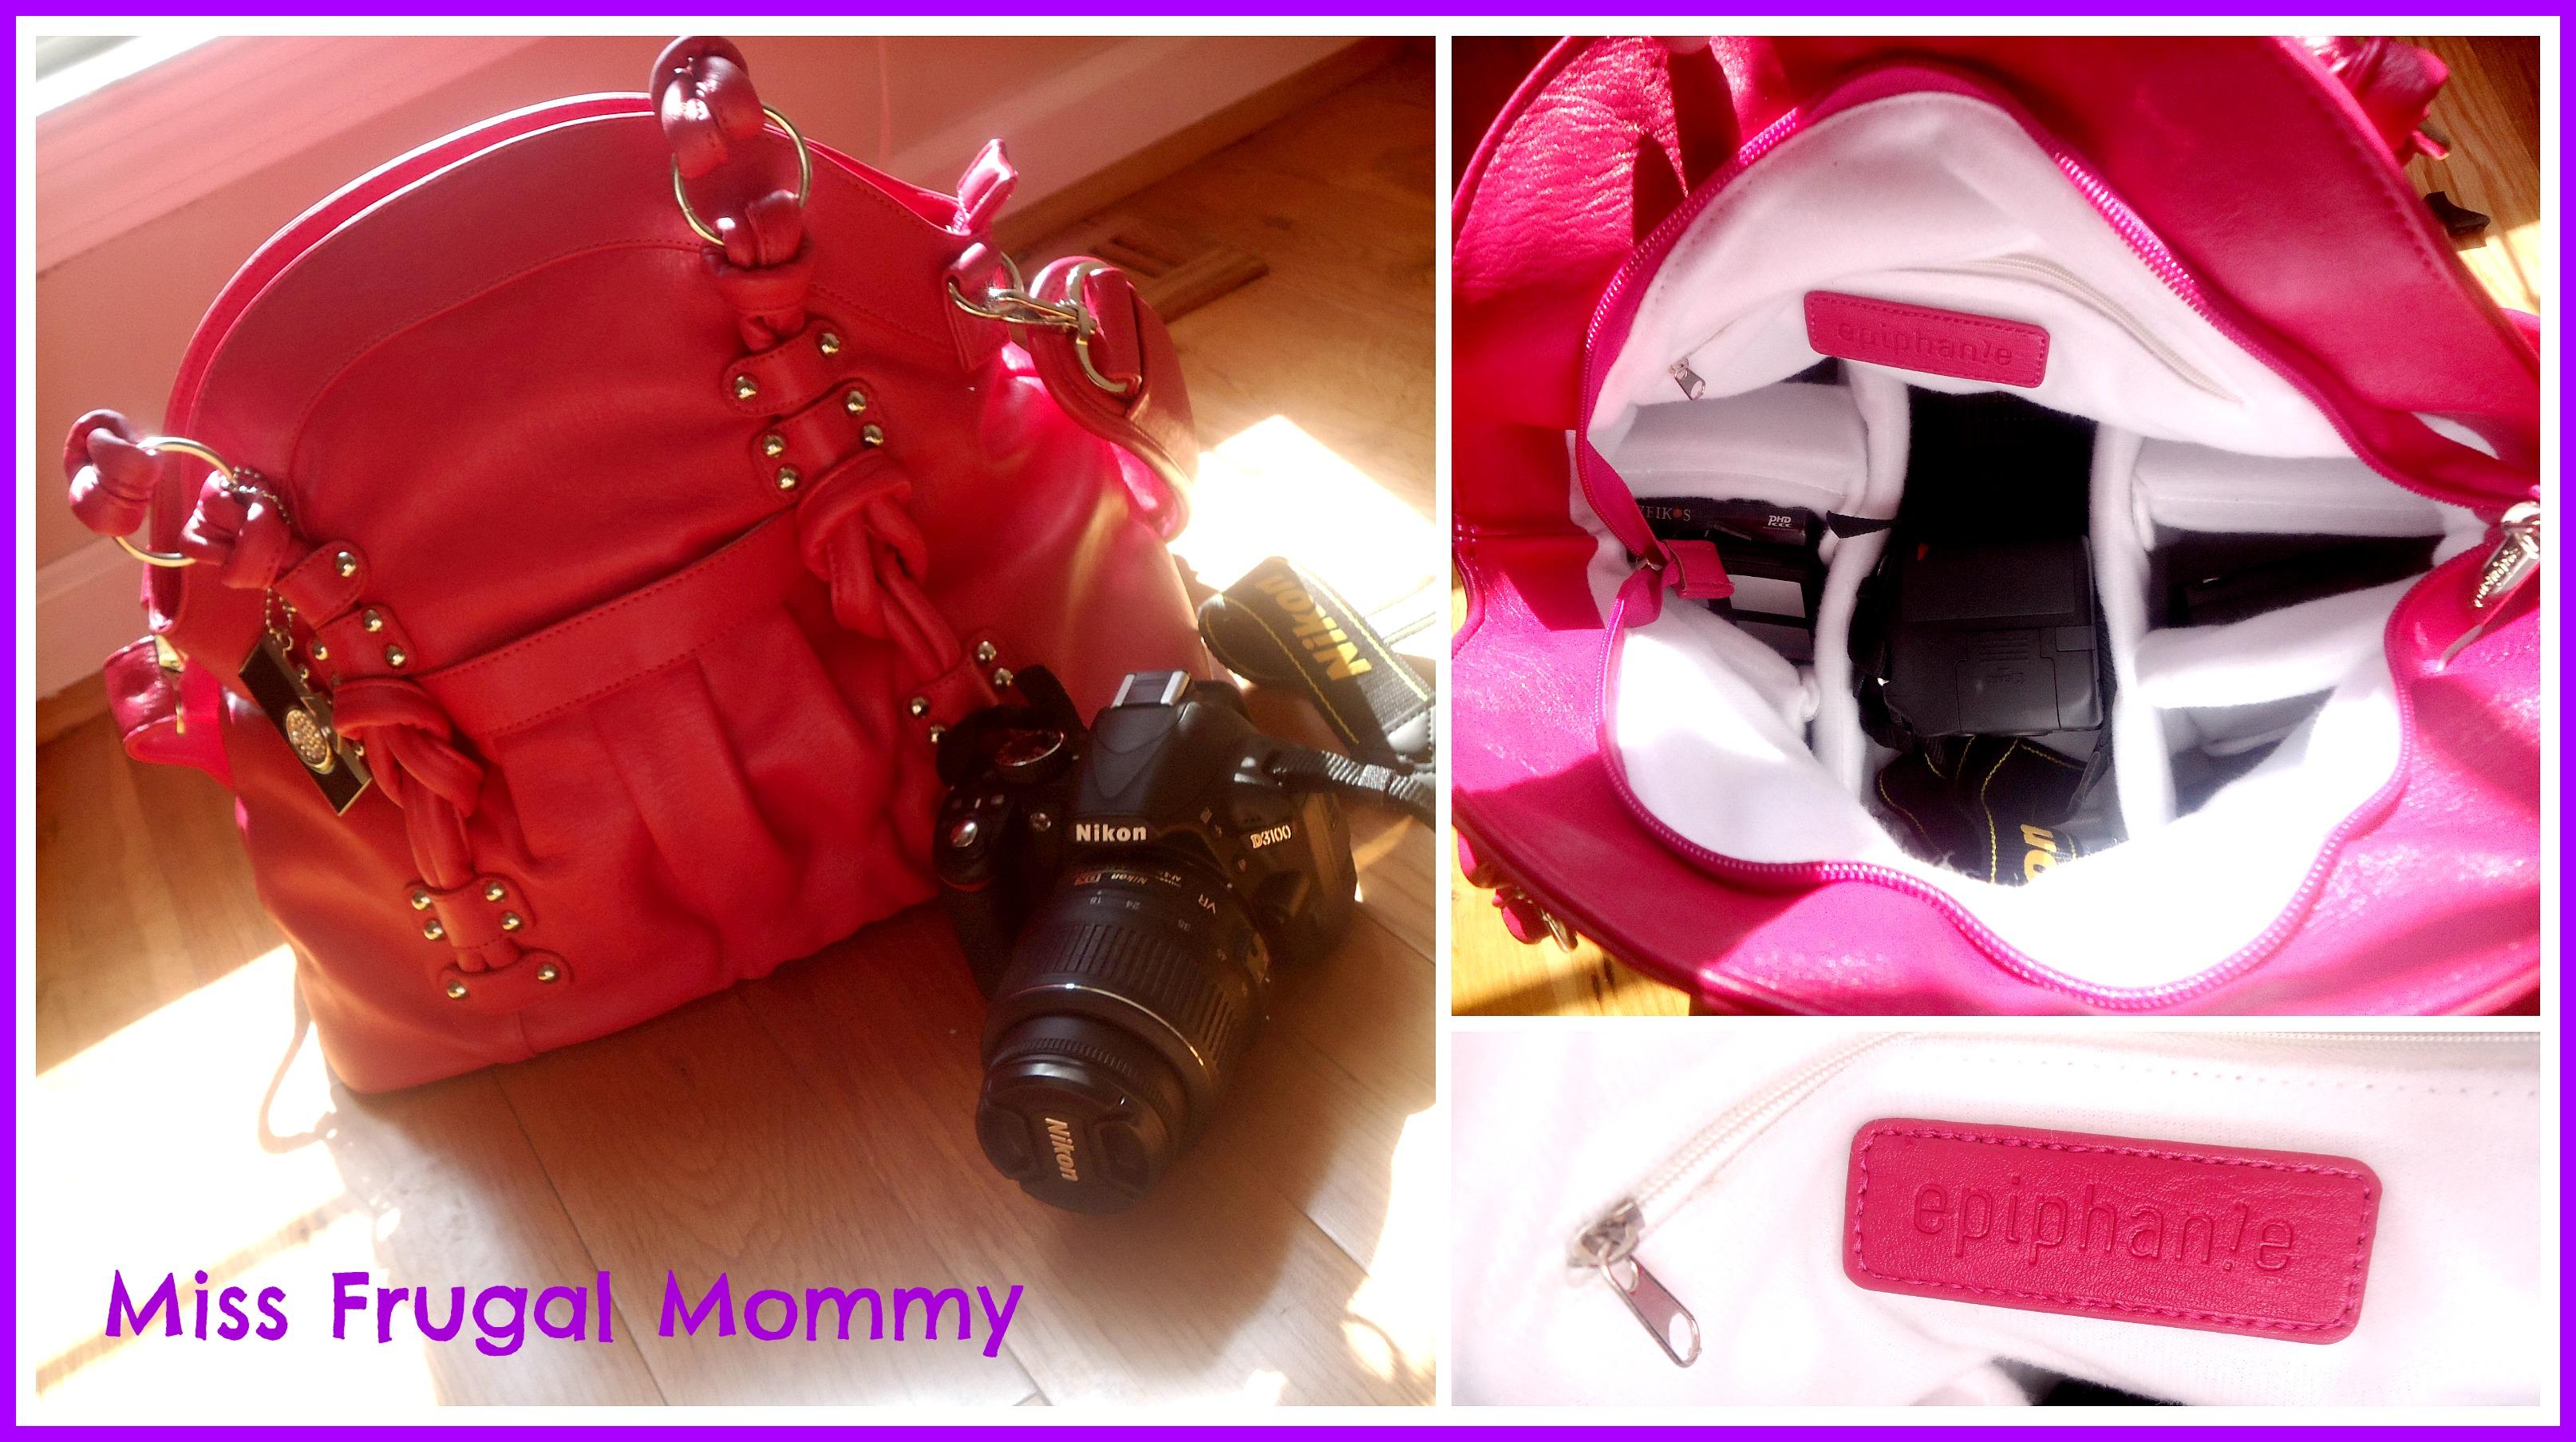 Epiphanie Camera Bag Review